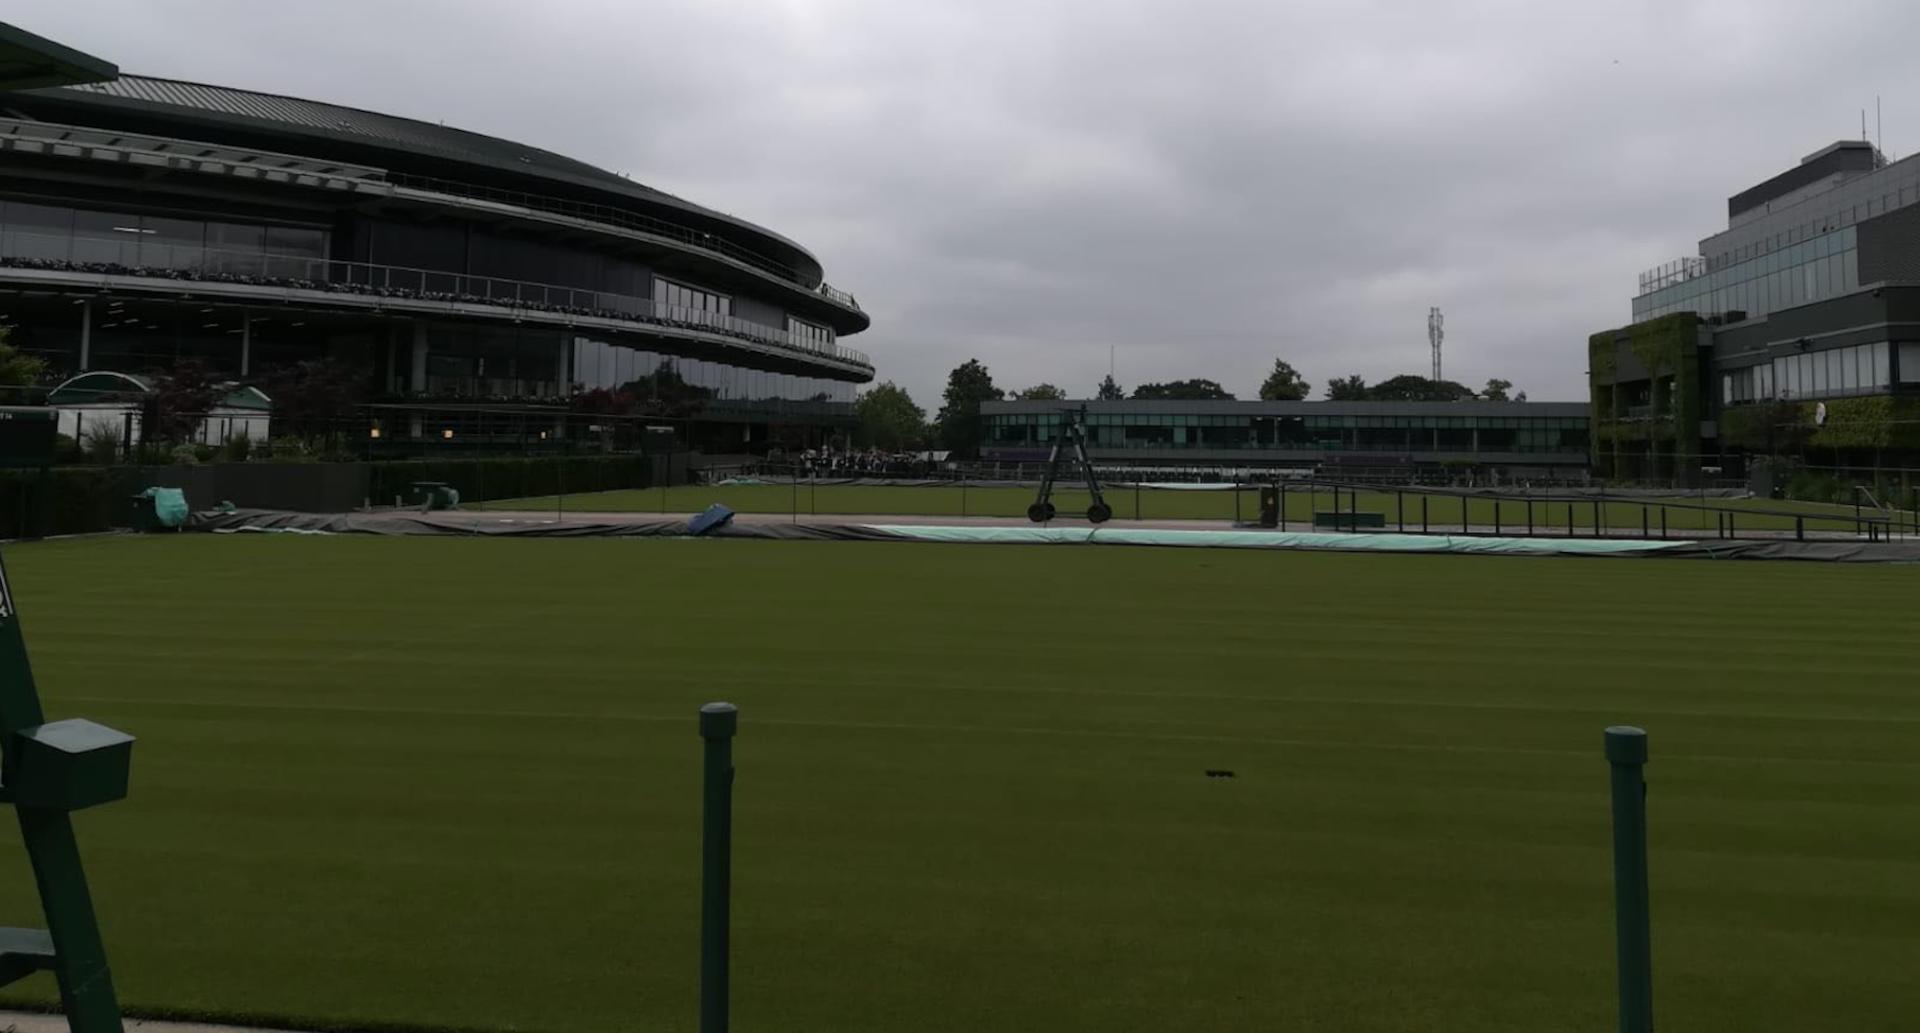 Découvrez Wimbledon avant le tournoi